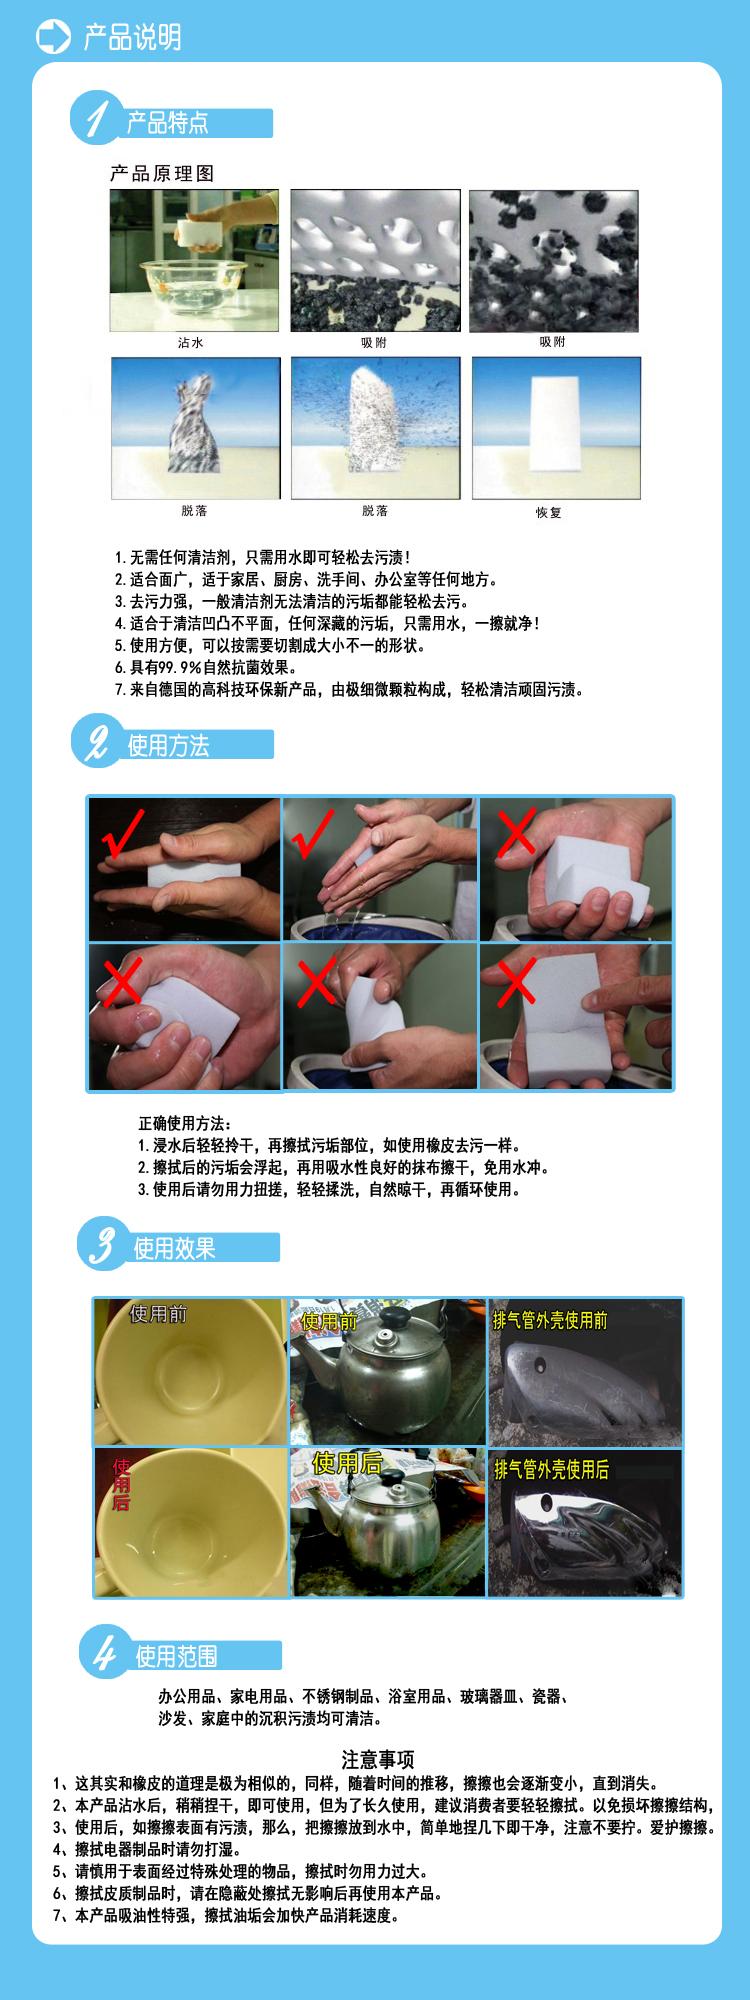 清洁海绵实用效果图示